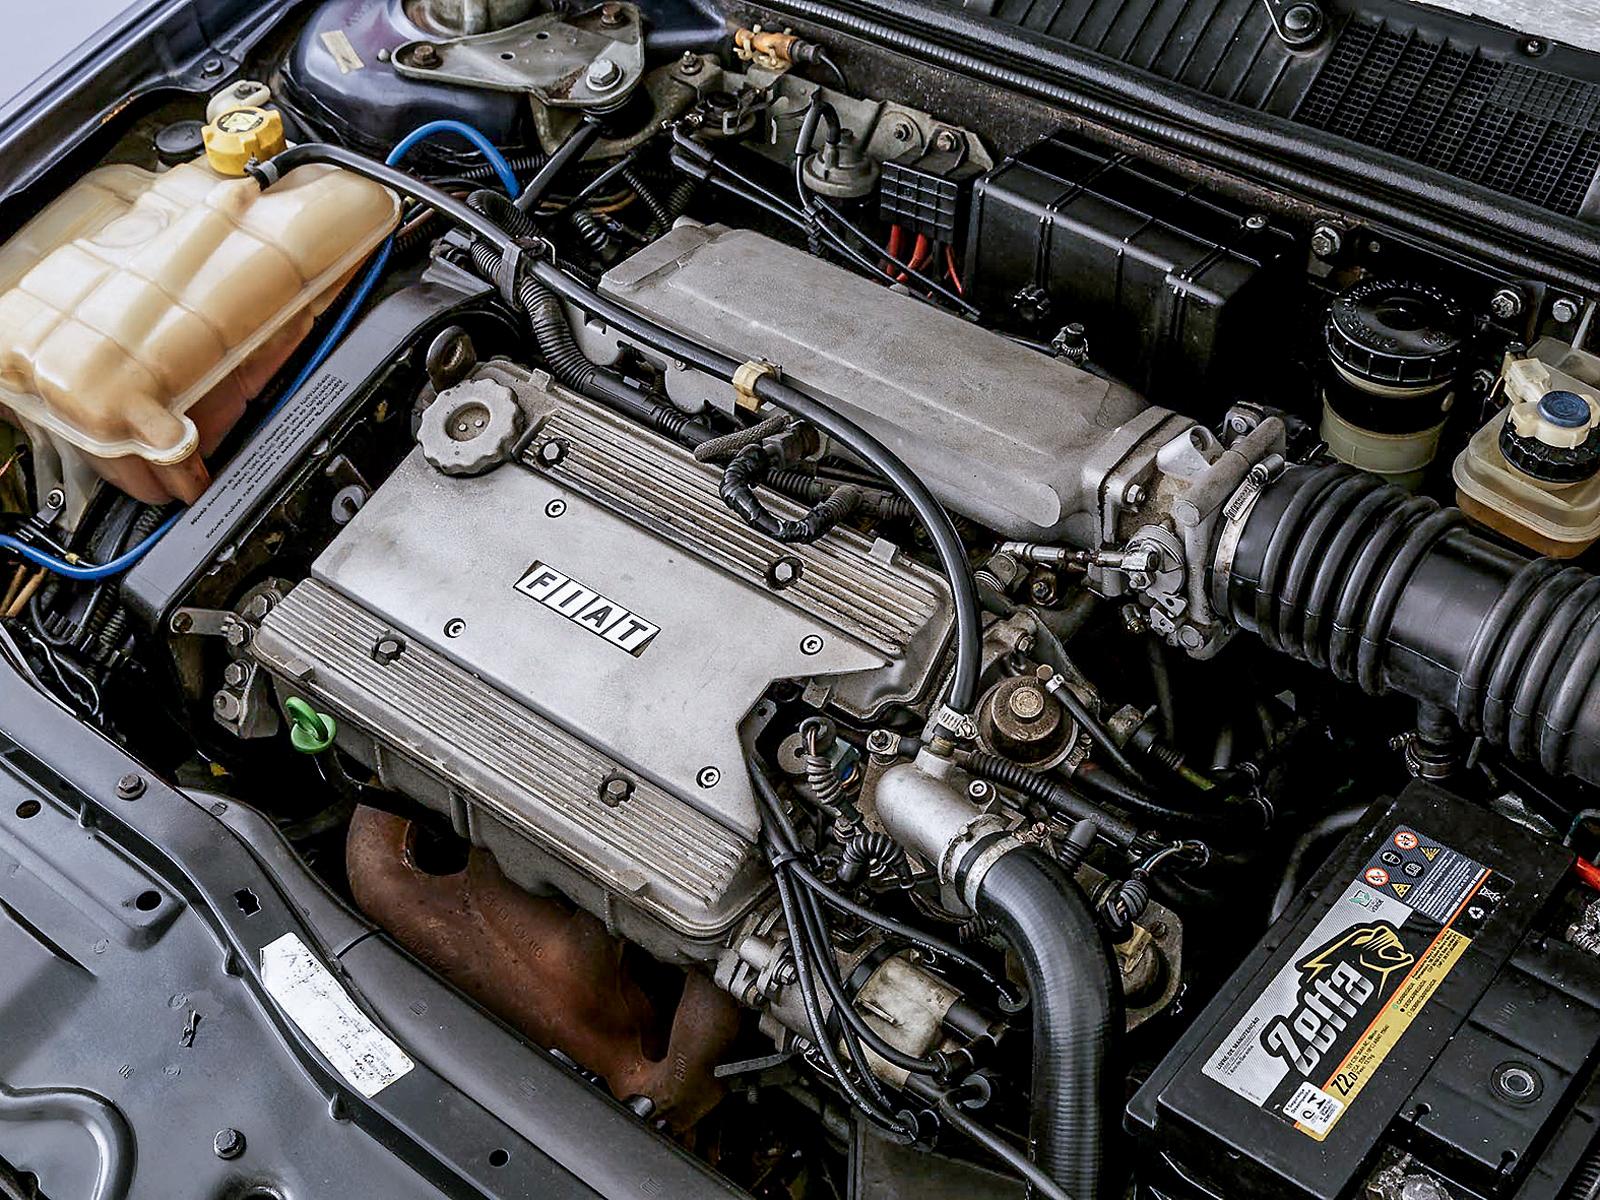 O motor era impulsionado com injeção eletrônica multiparto Magneti Marelli IAW 603